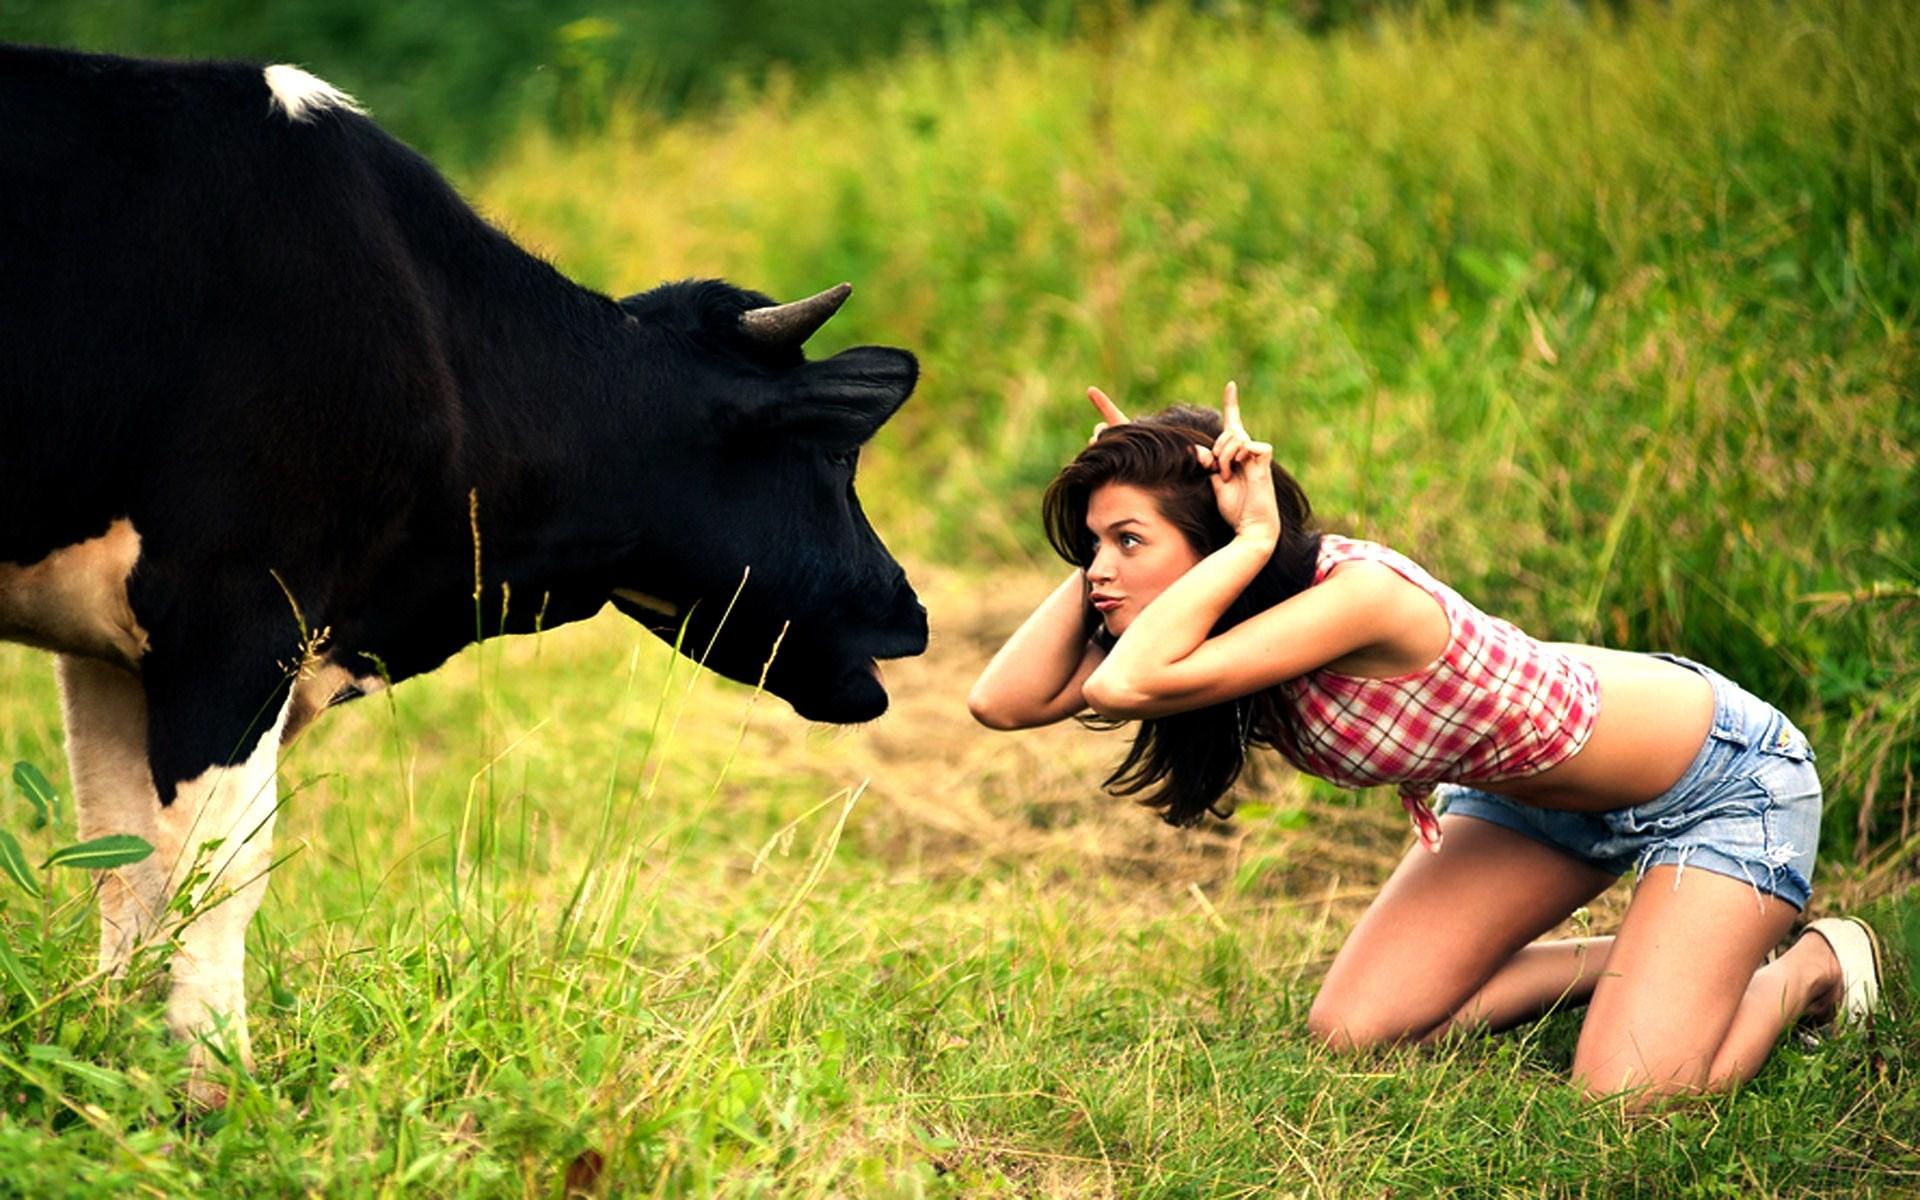 Cow vs Girl Funny Photo